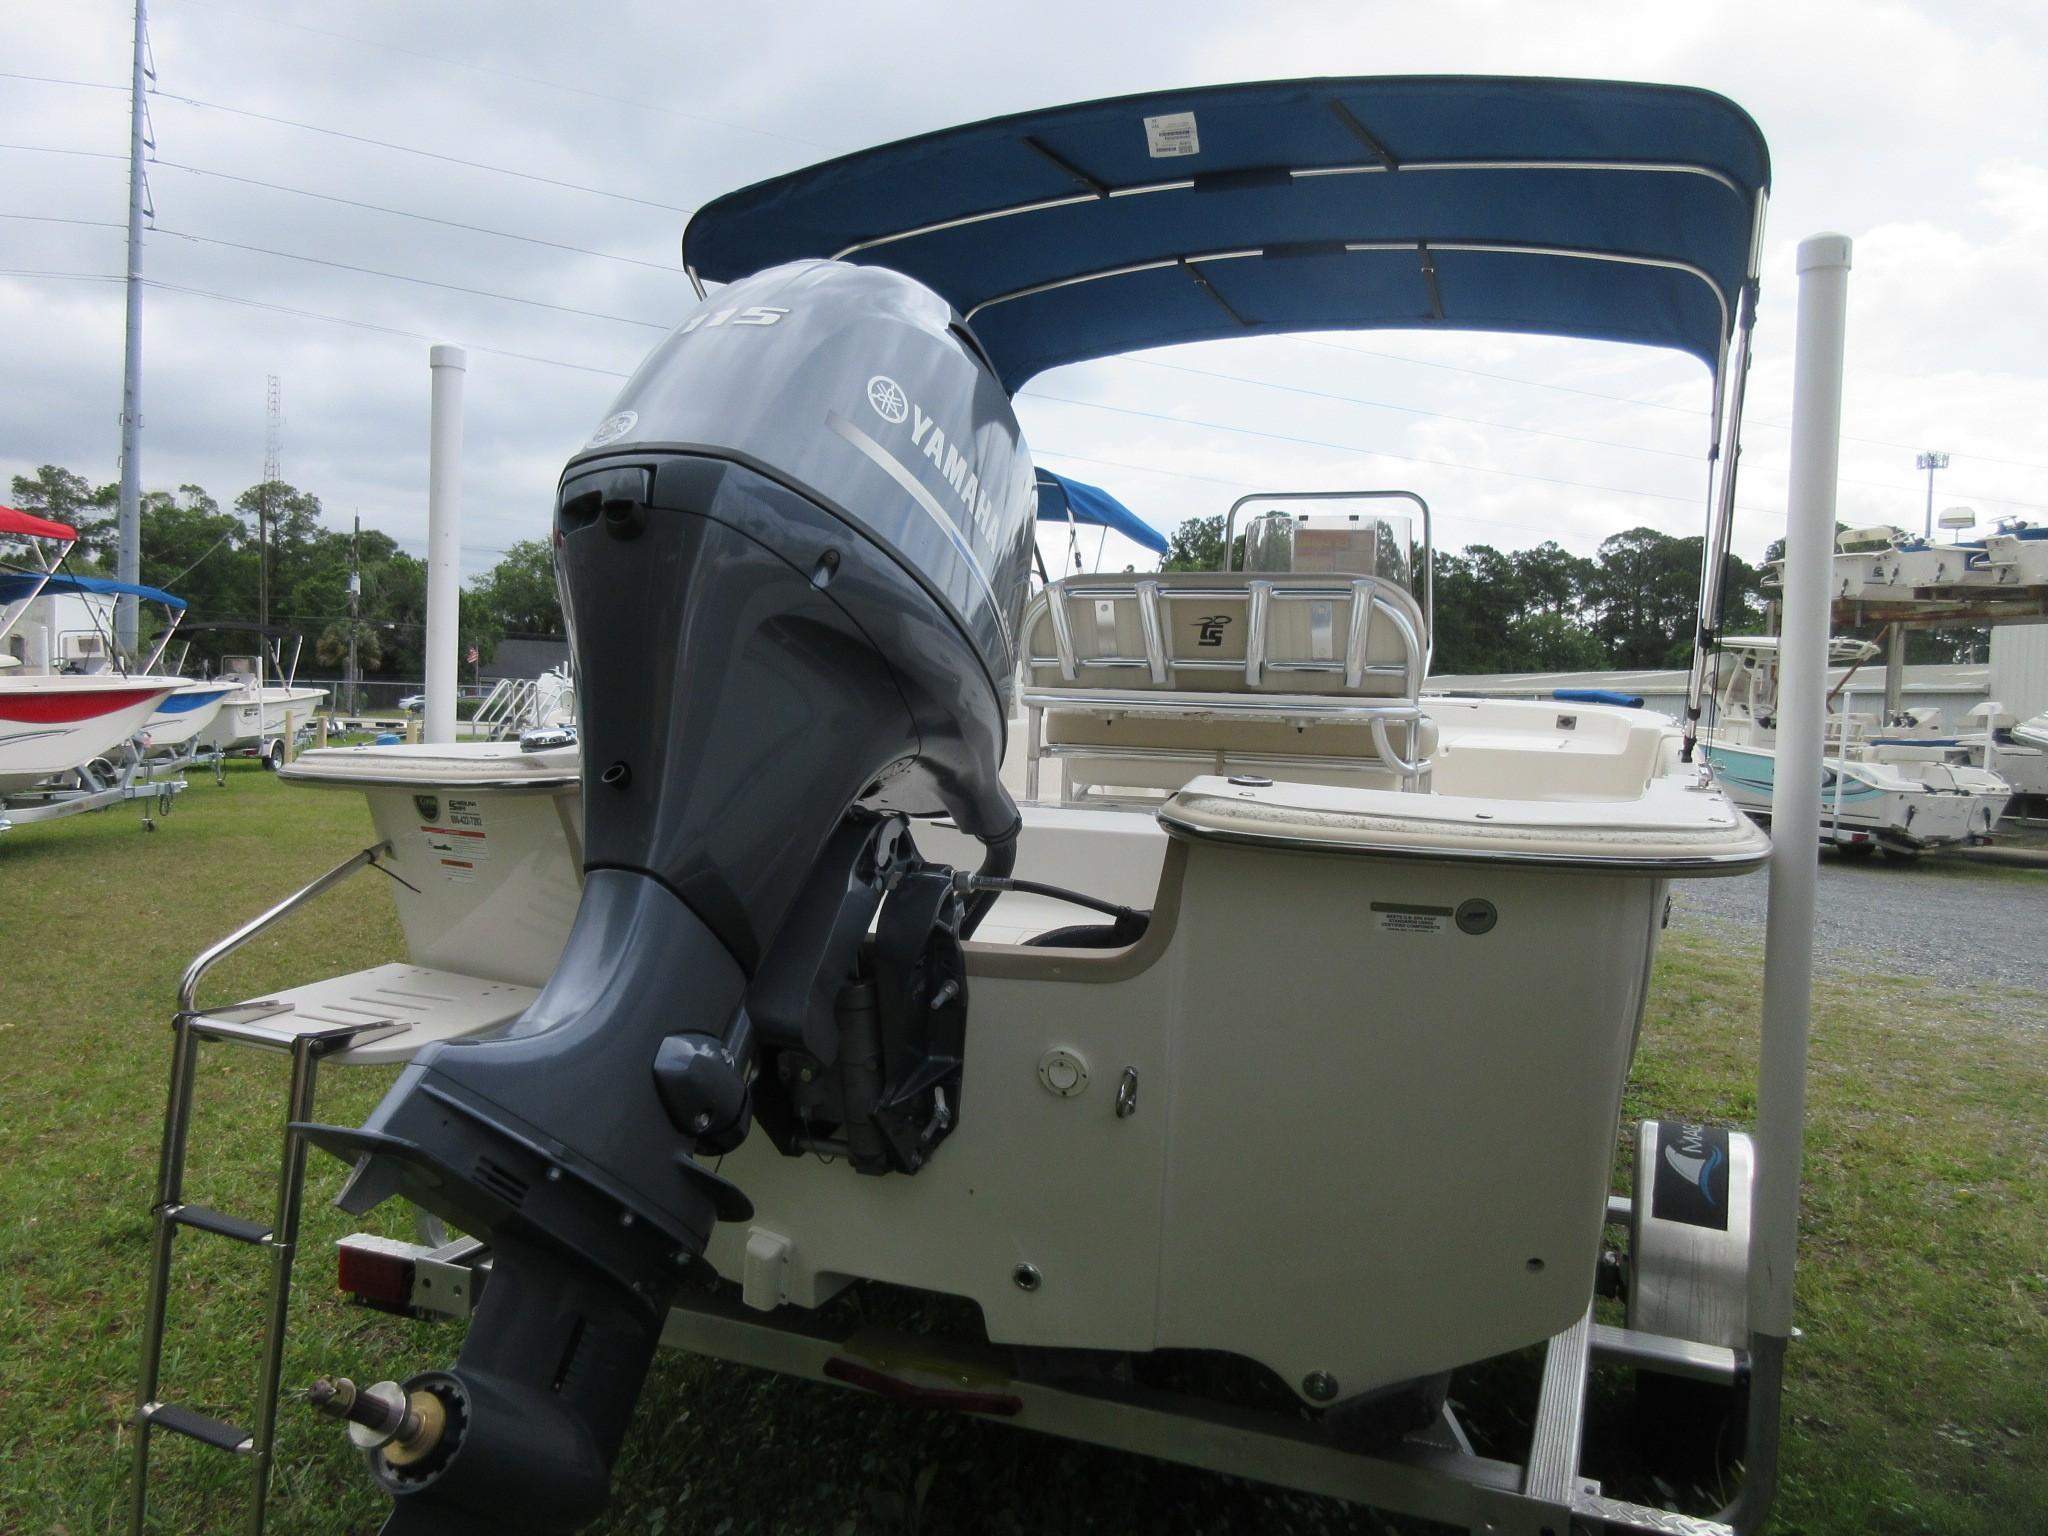 größte Auswahl von 2019 verschiedenes Design neueste kaufen 2019 Carolina Skiff DLV 218 Jacksonville, Florida - Dell Marine